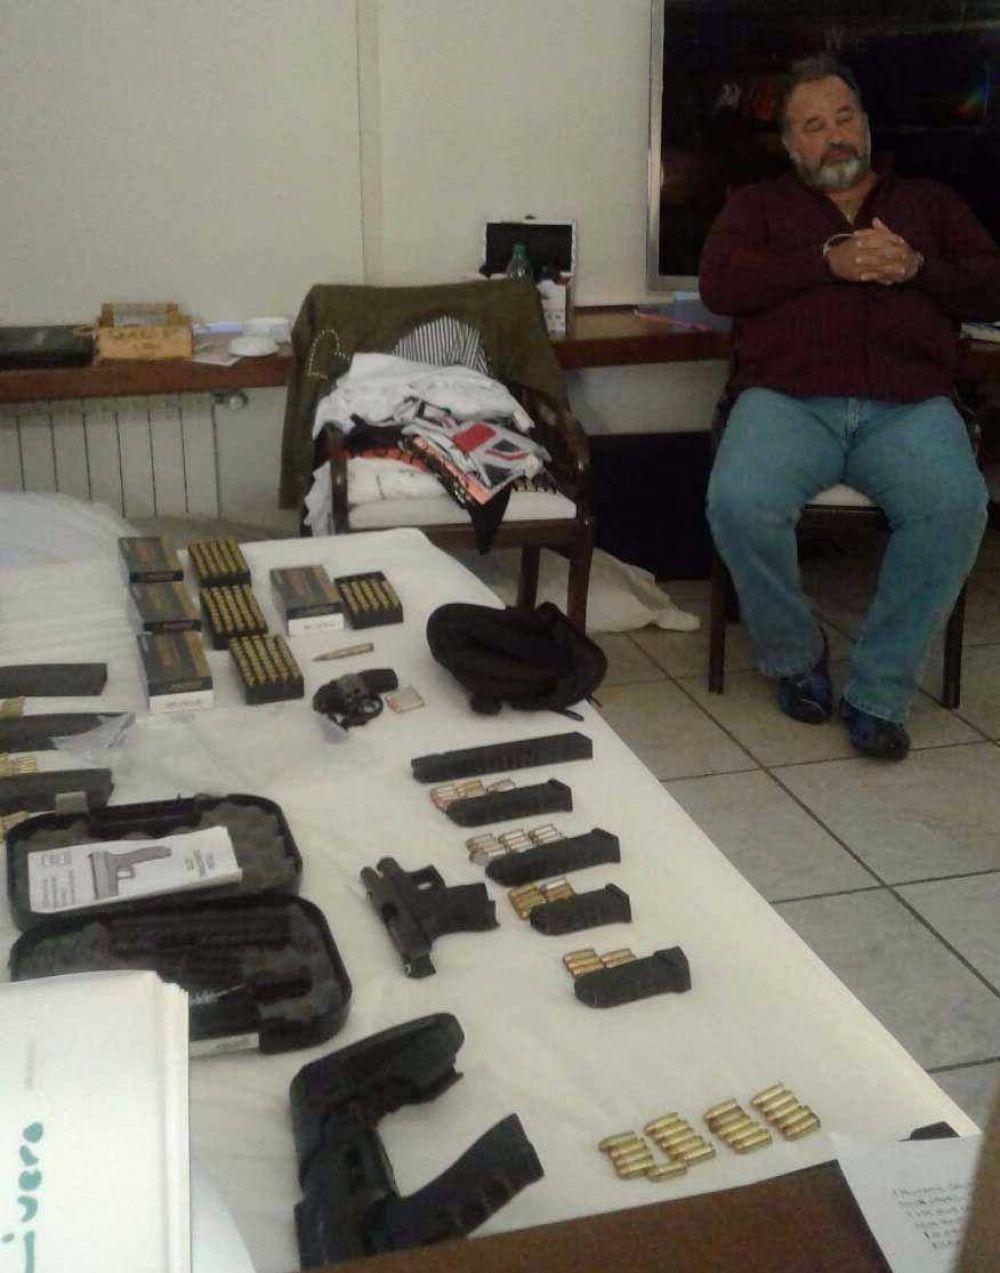 La Justicia uruguaya empieza a definir si otorga la extradición del sindicalista Balcedo